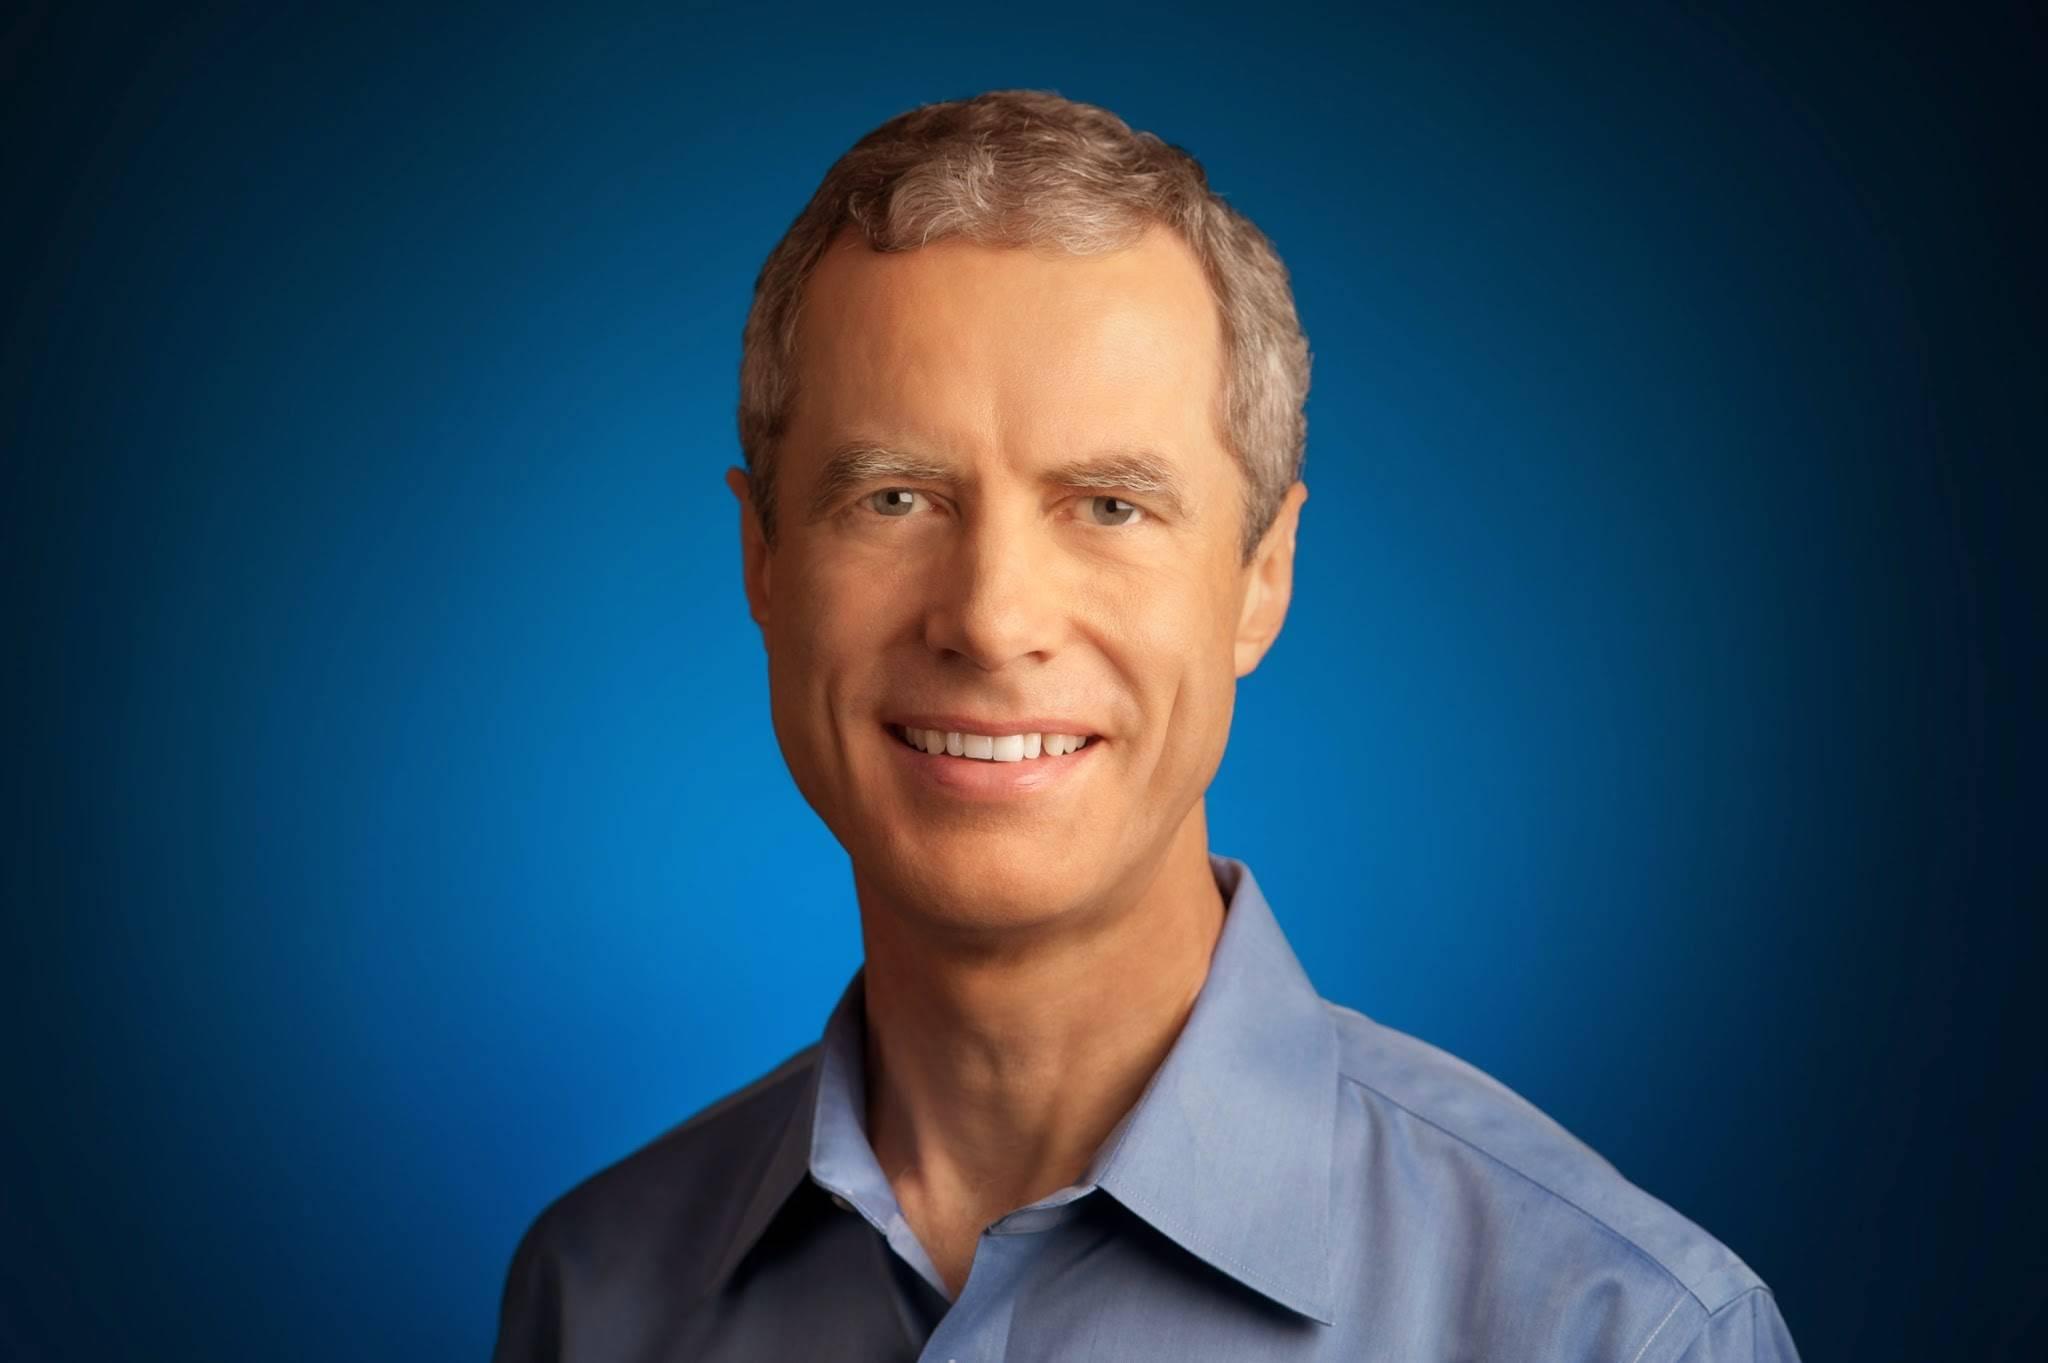 Craig Barratt, CEO of Access, subsidiary of Alphabet Inc.